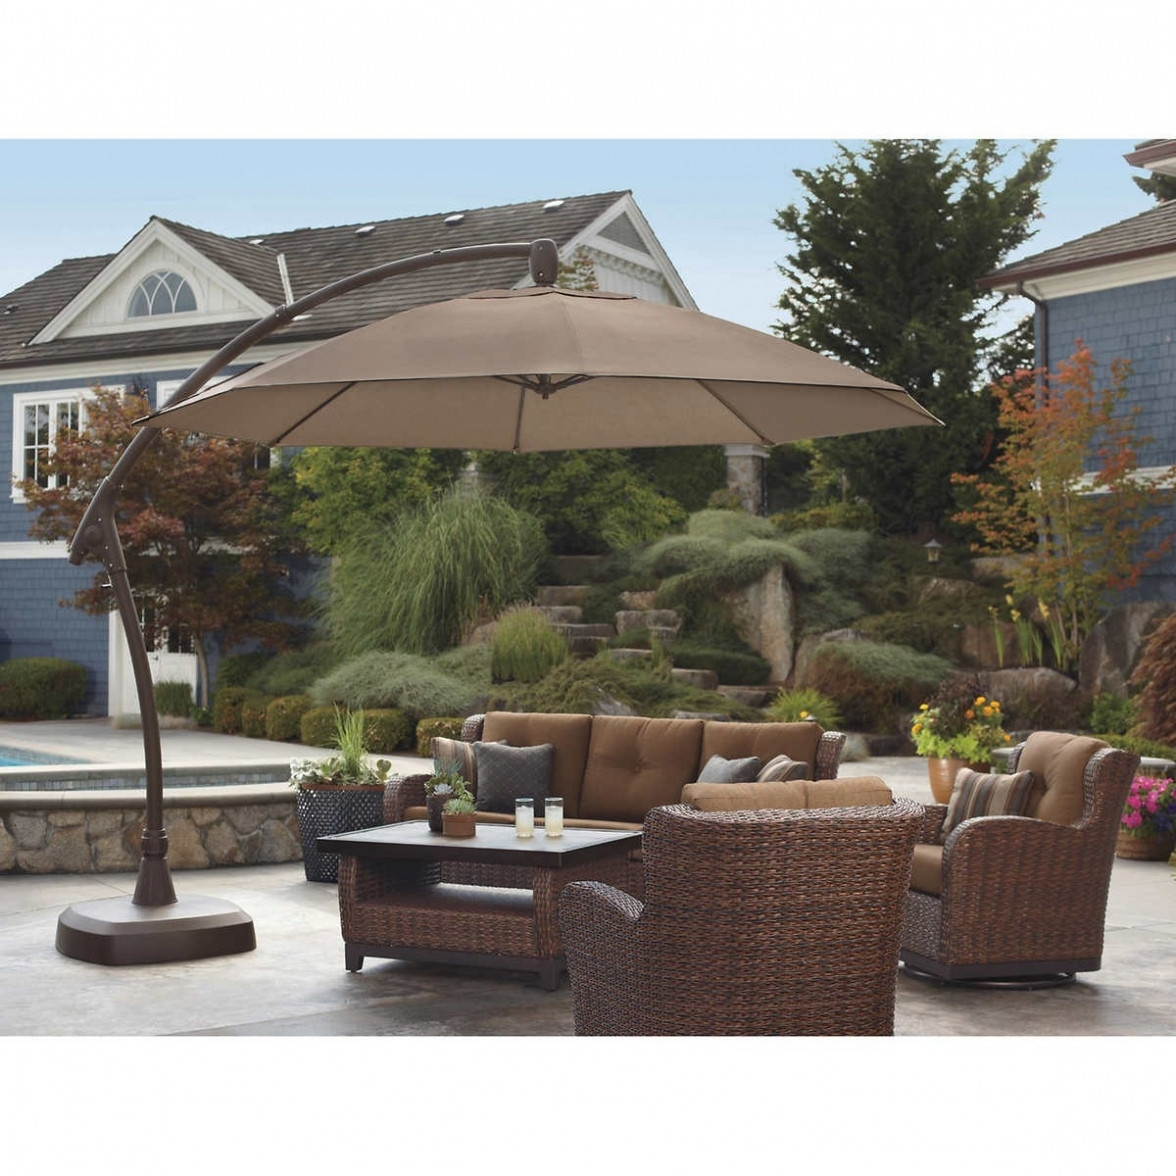 Costco Patio Umbrella – Home Design Ideas For Latest Costco Cantilever Patio Umbrellas (View 3 of 20)